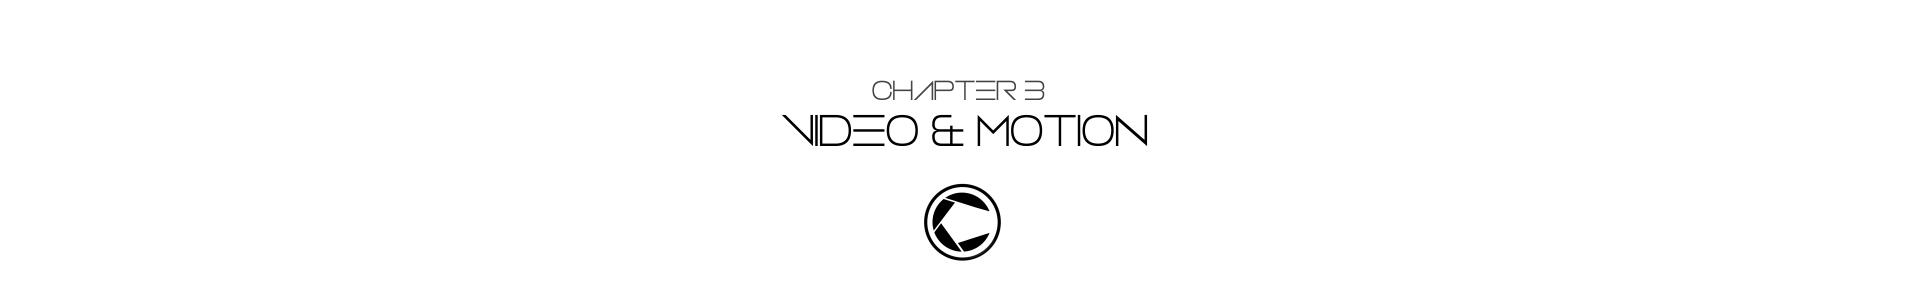 https://www.perfectpixel.es/wp-content/uploads/2014/12/PerfectPixel-Video-ShowReel-2014-Chapter-3.jpg